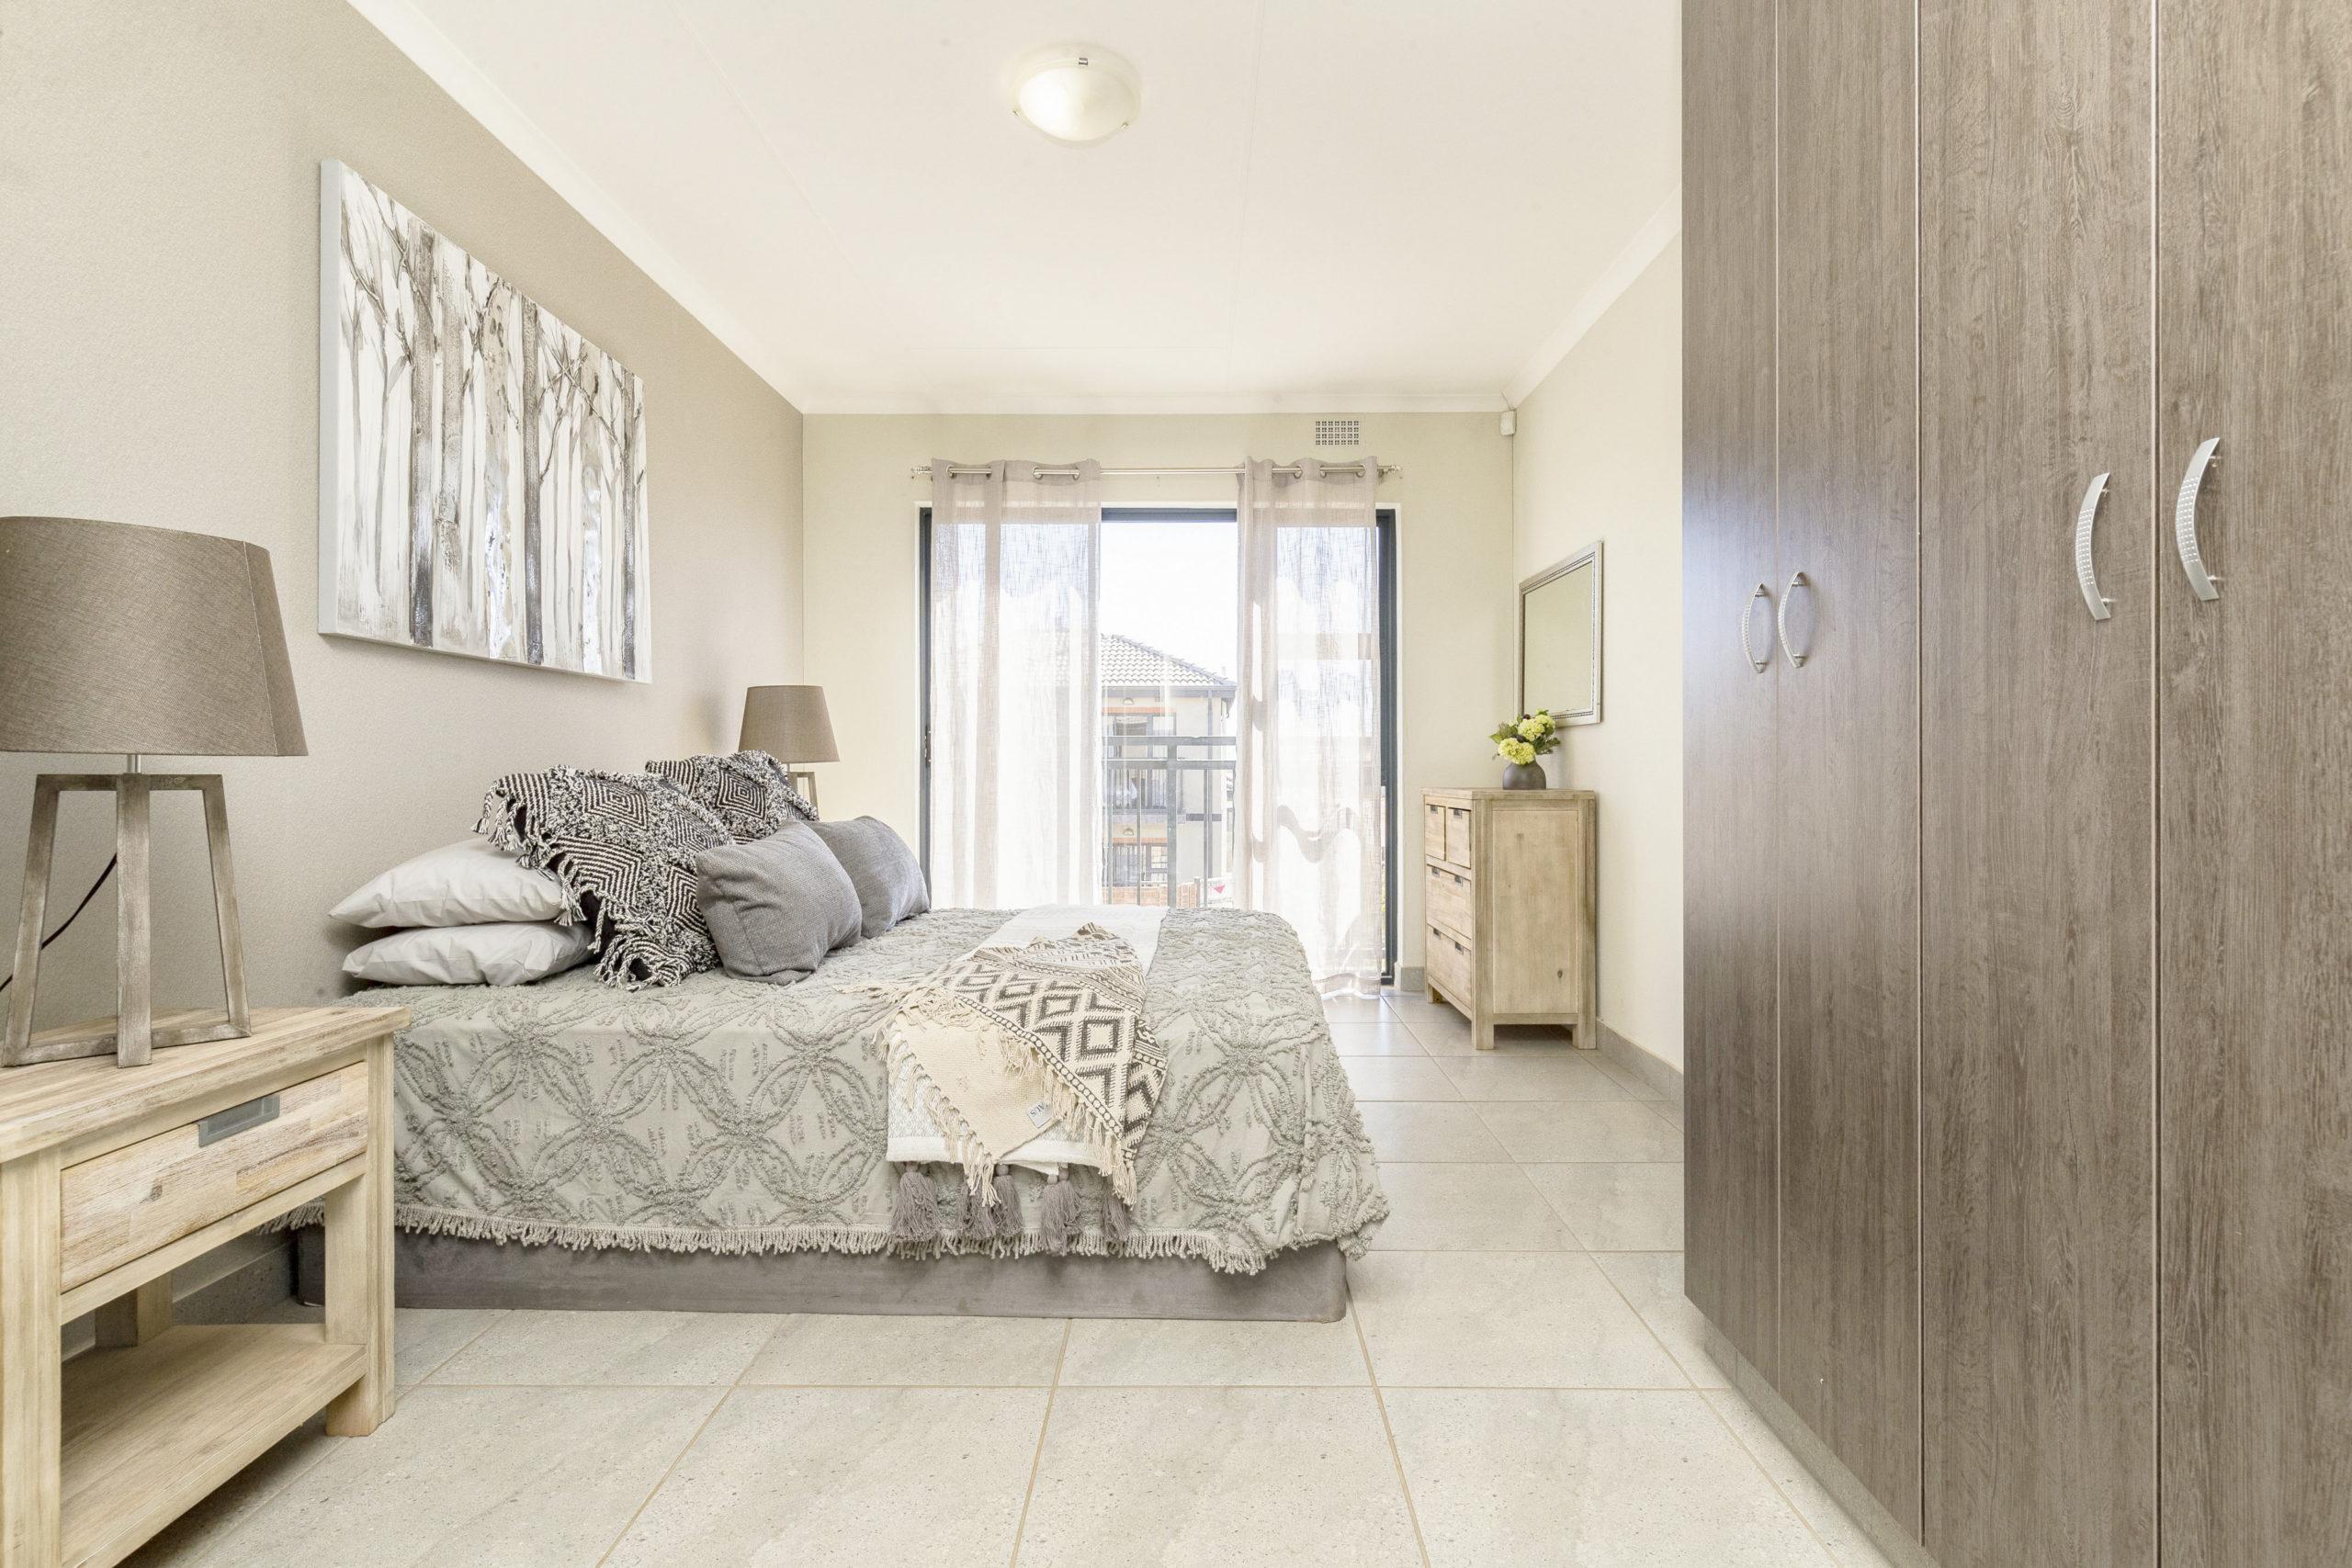 Leopard's Rest, Homes for Sale in Alberton, Gauteng - Bedroom